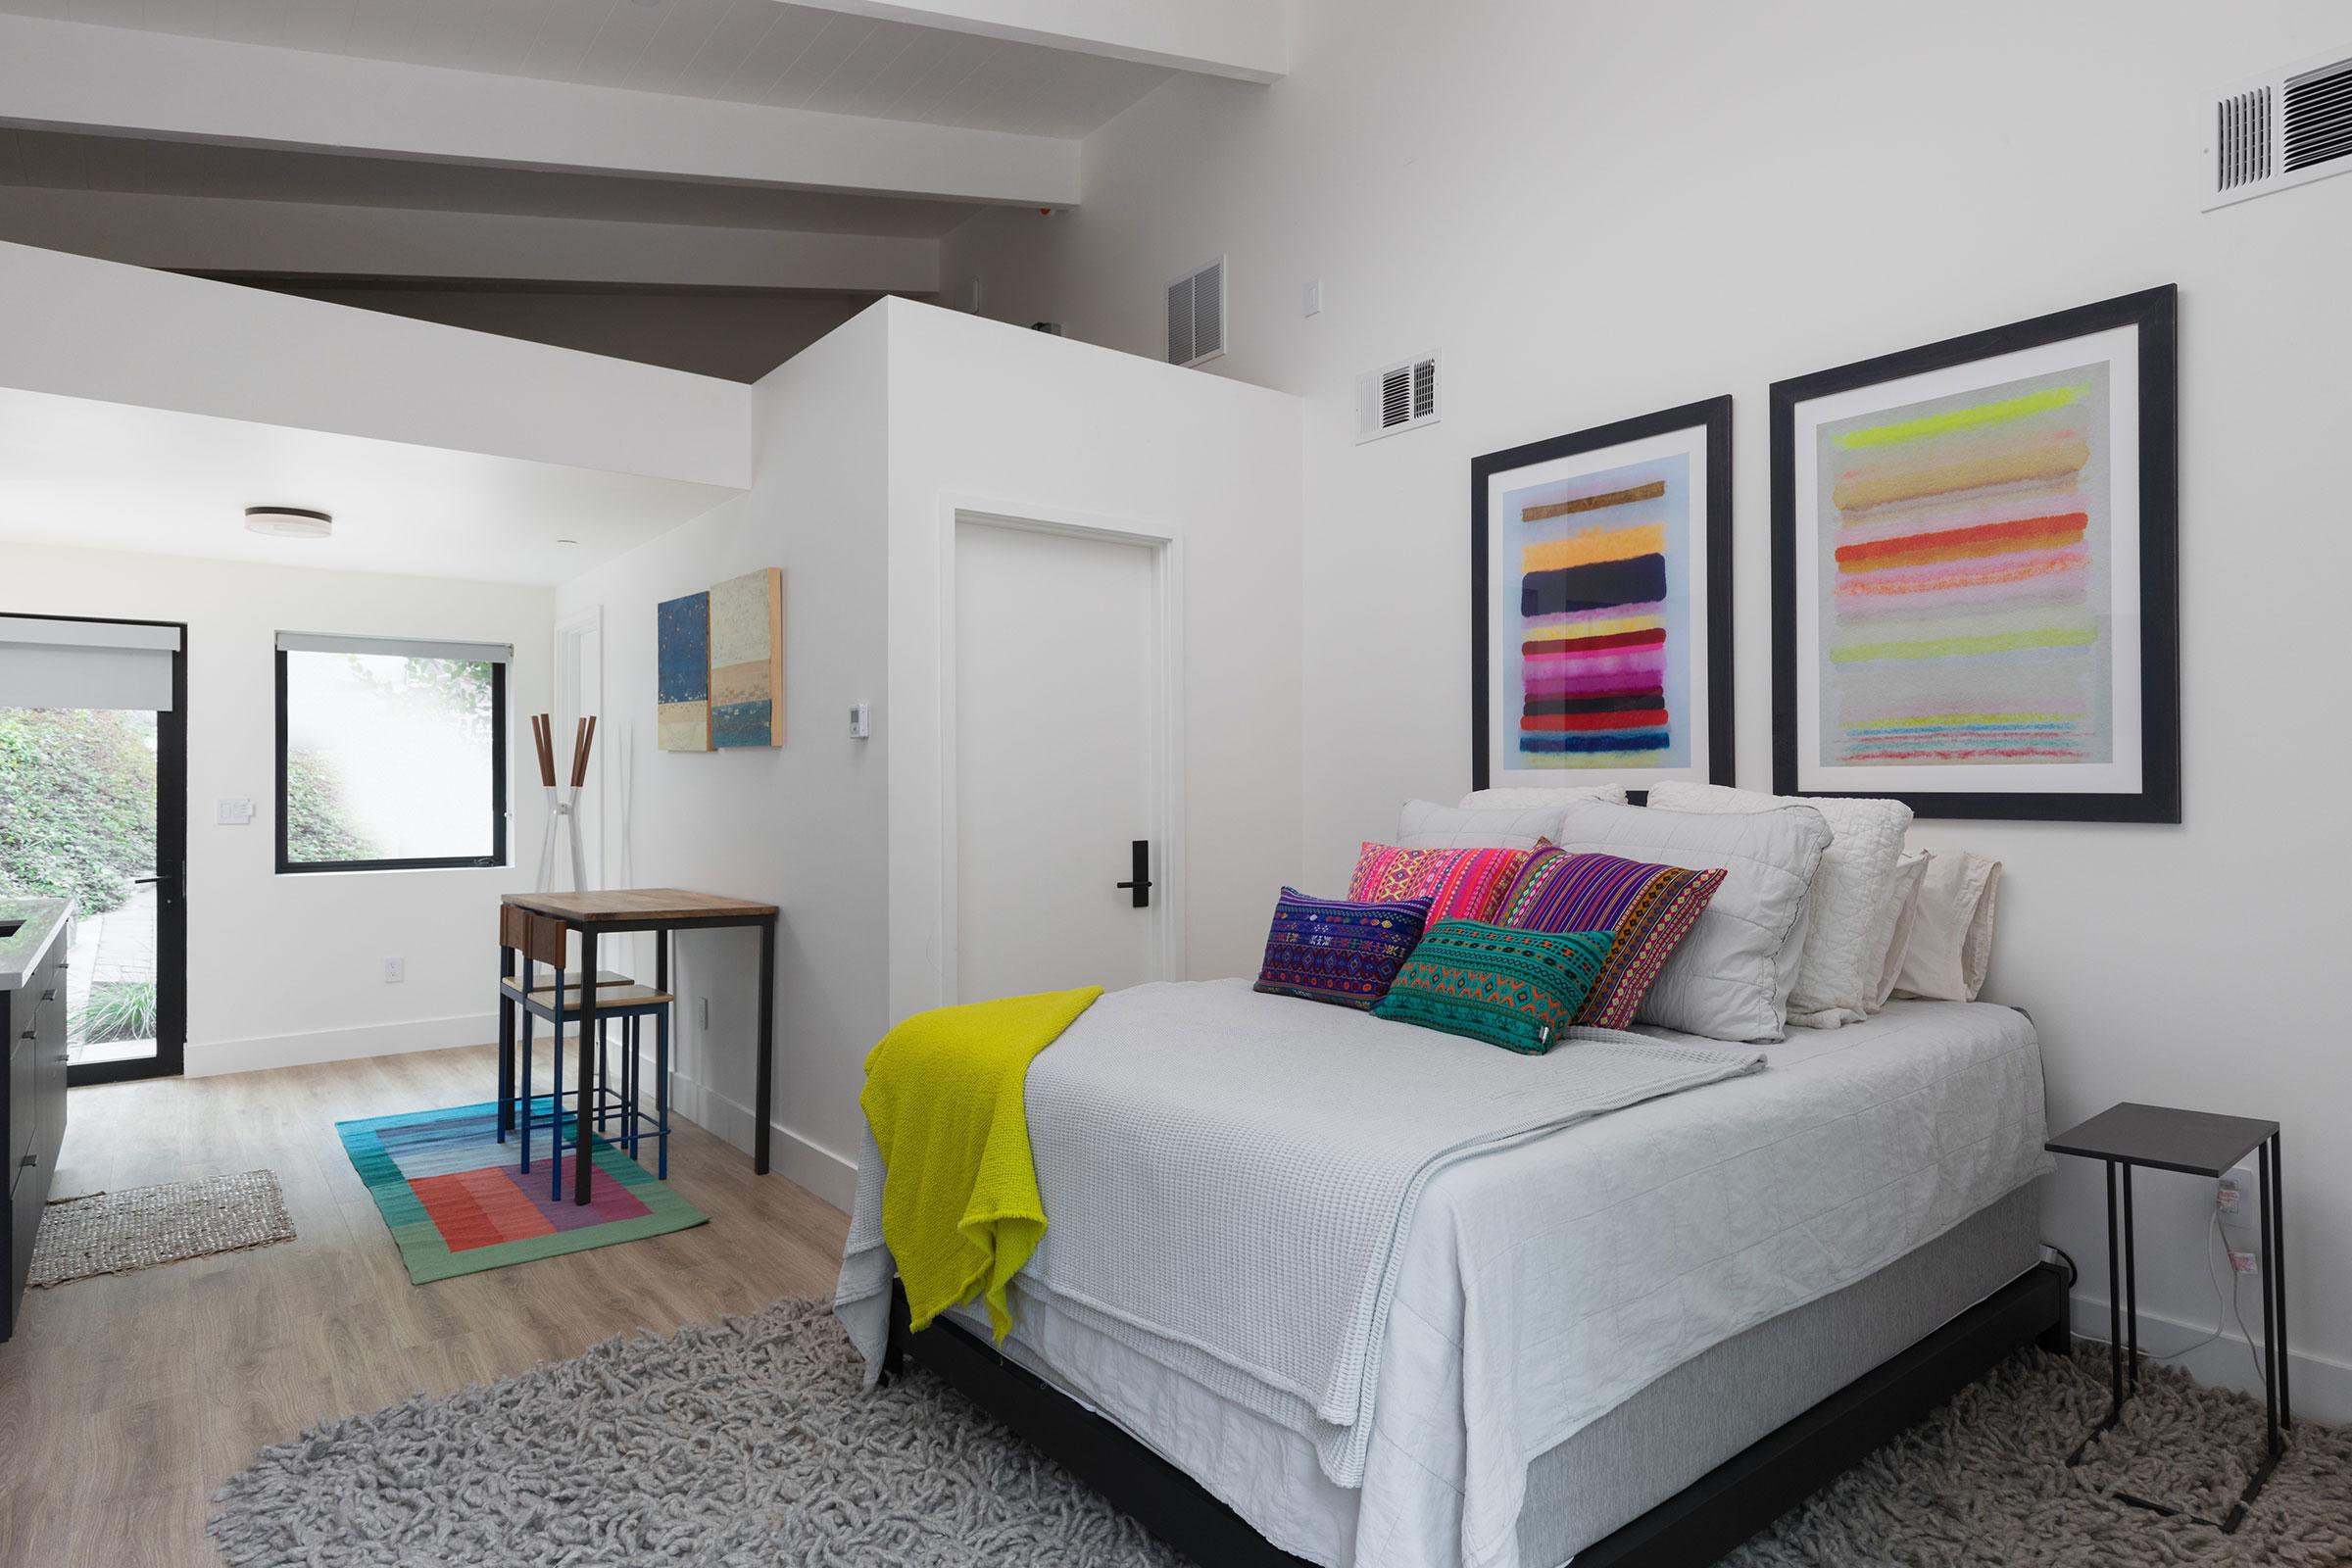 Oriinda Ridge Bedroom 4 Buestad Construction